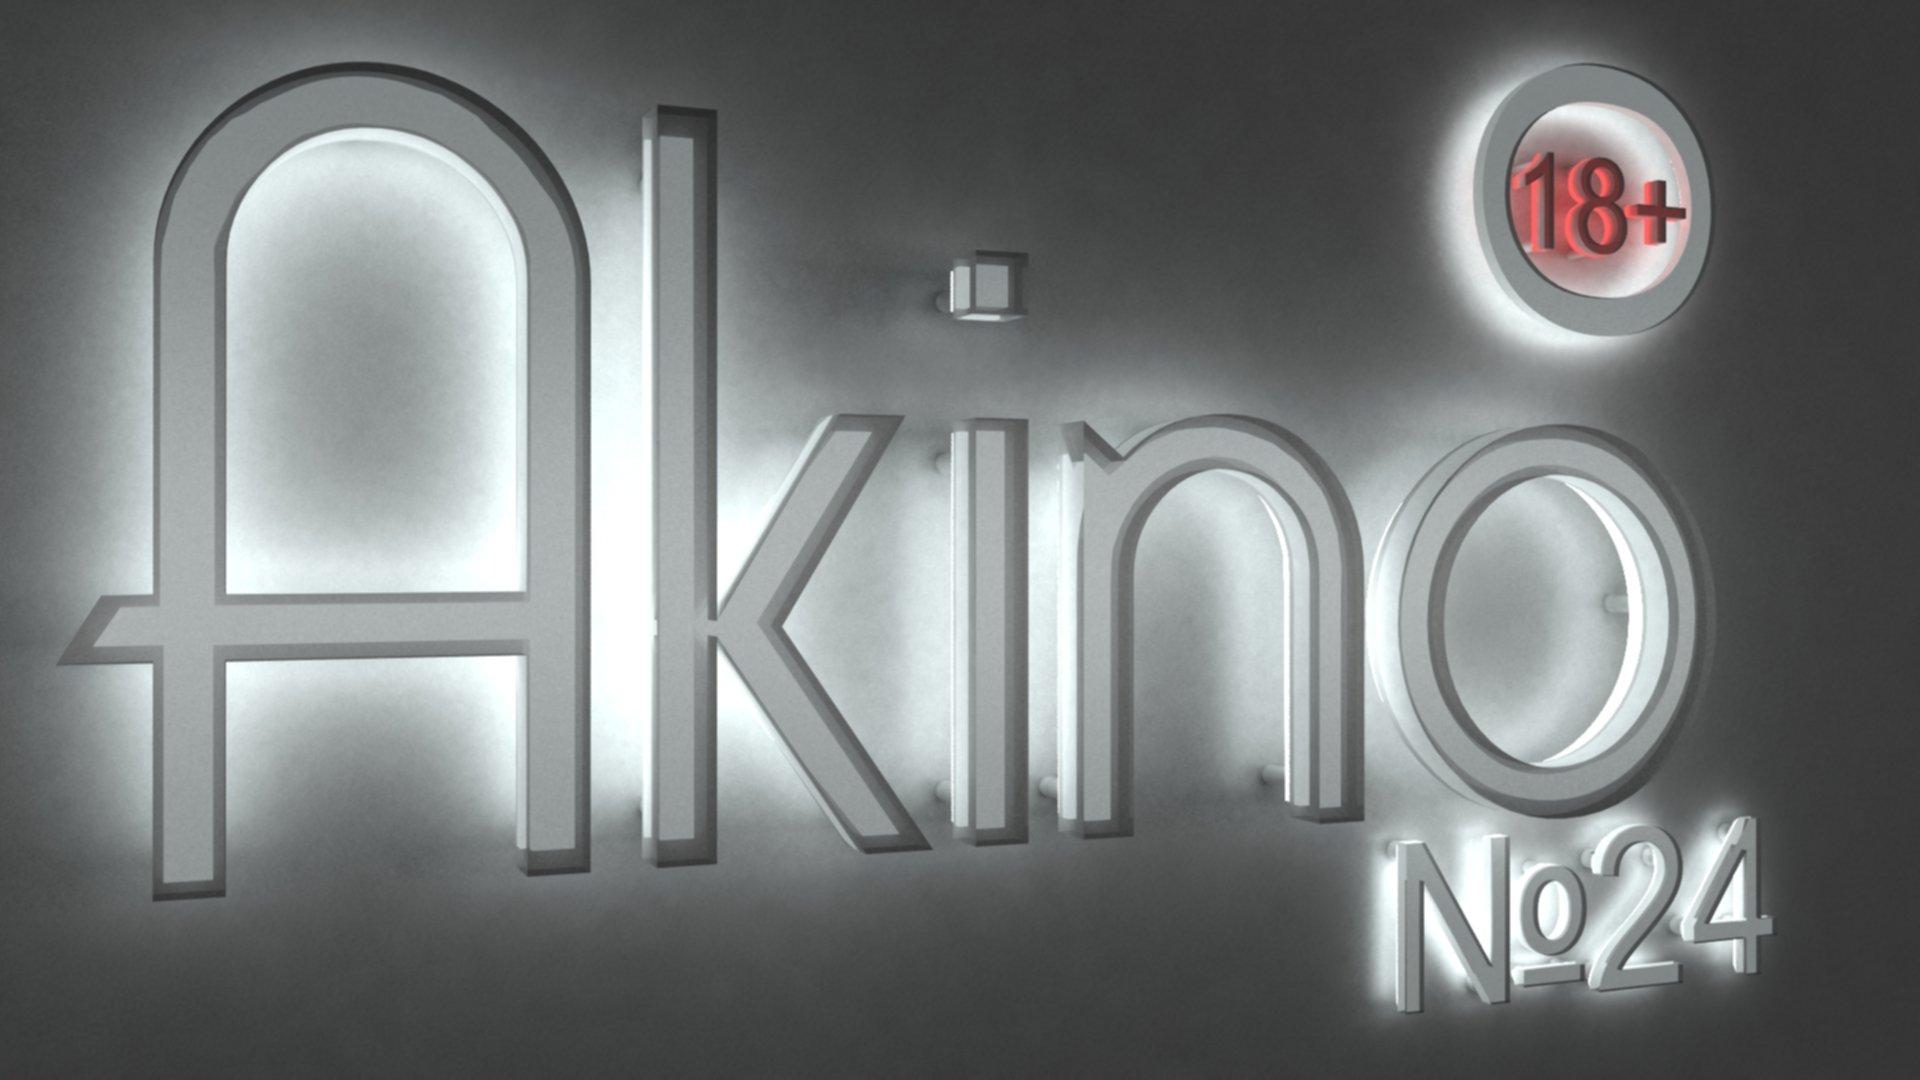 Подкаст AkiNO Выпуск № 24 (18+) - Изображение 1